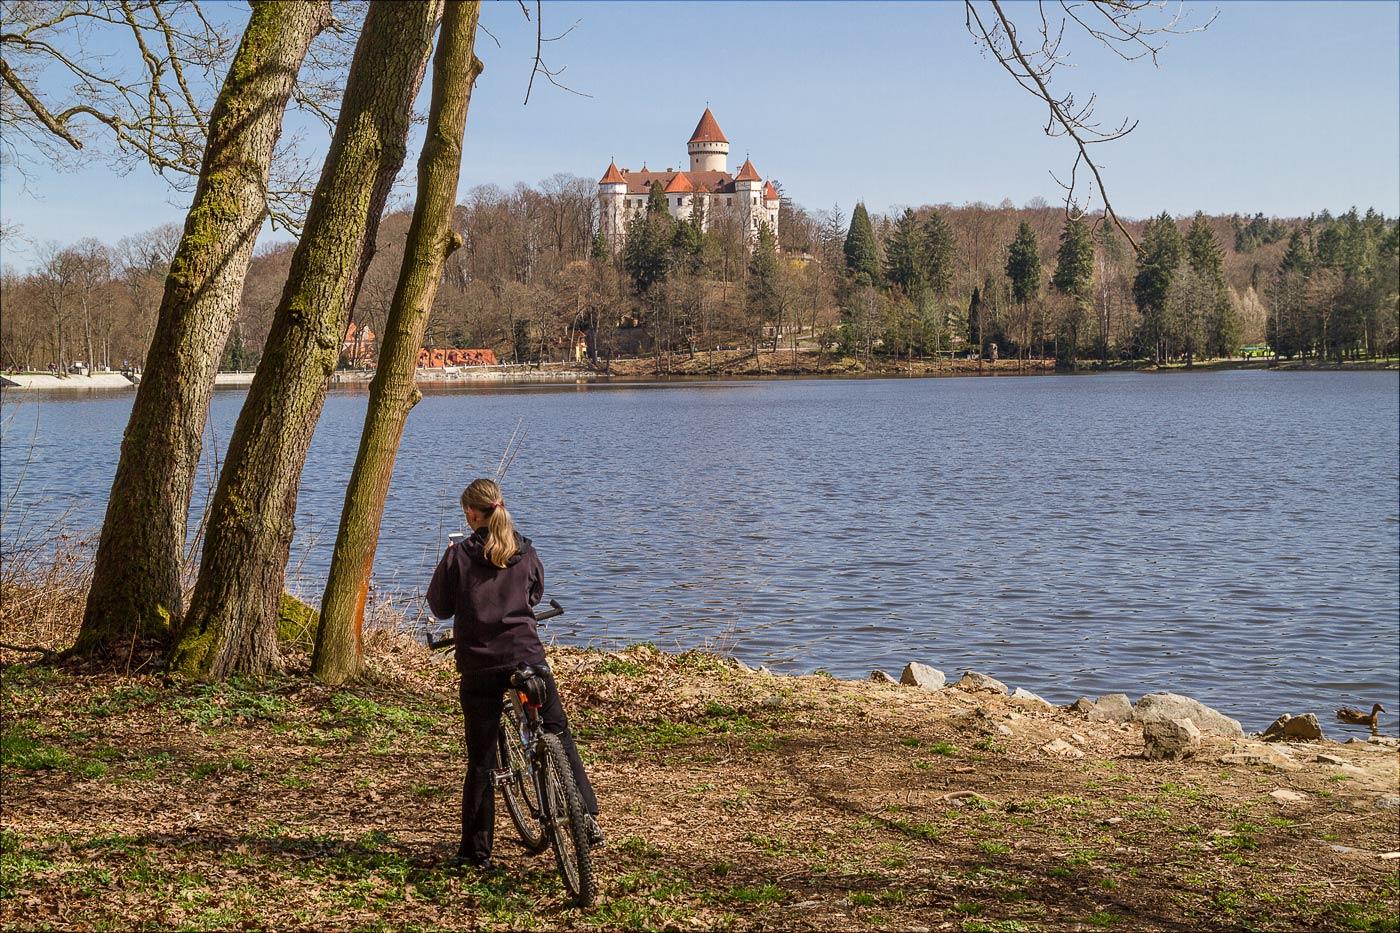 http://countryczech.com/wp-content/uploads/2017/04/photos/20160402-134612_Konopiste_pochod_za_kolacem.jpg